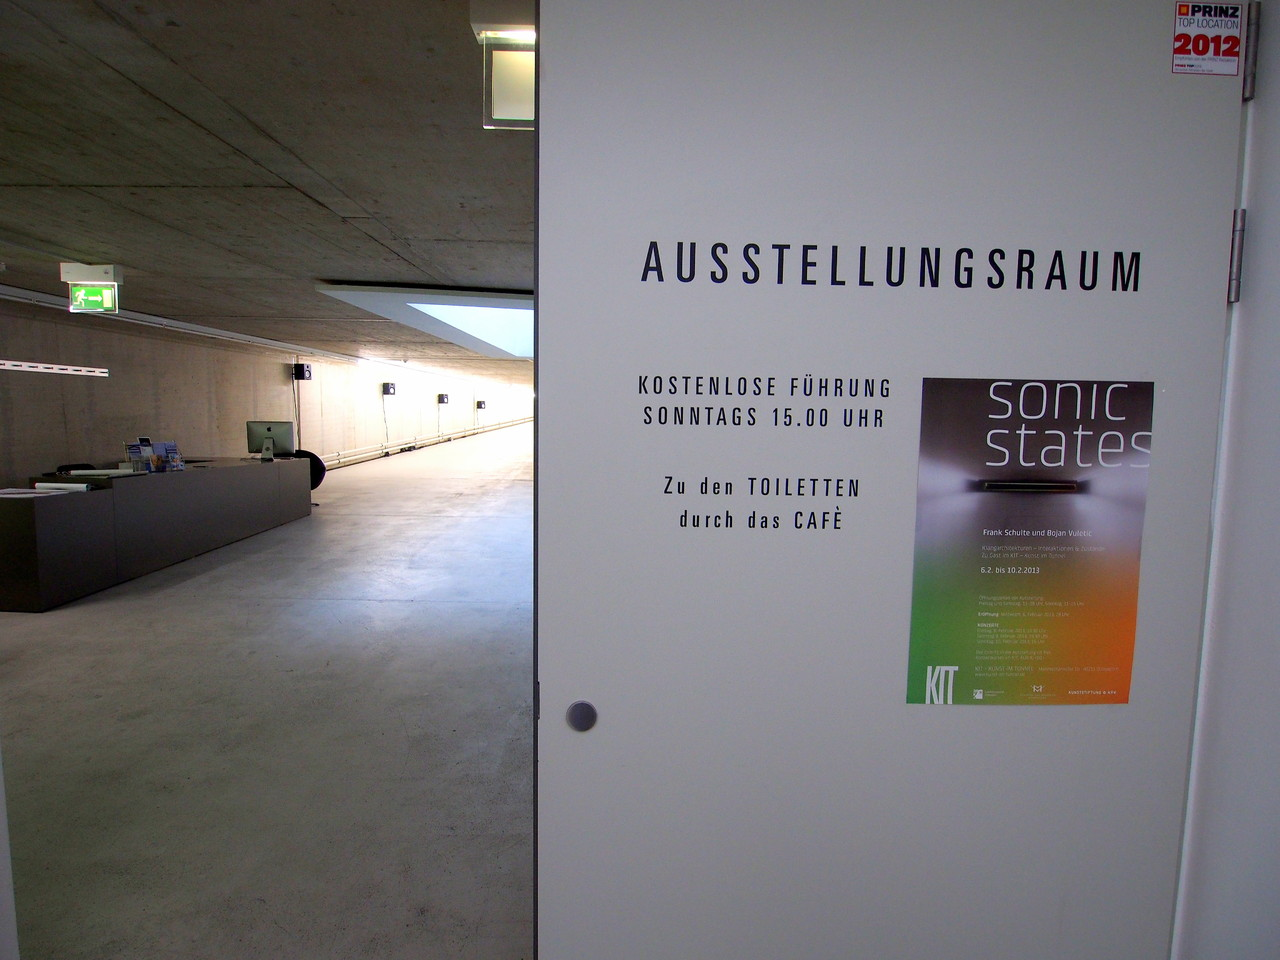 sonic states - intermediäre Klangkunstausstellung - KIT 2013 -Eingangsbereich